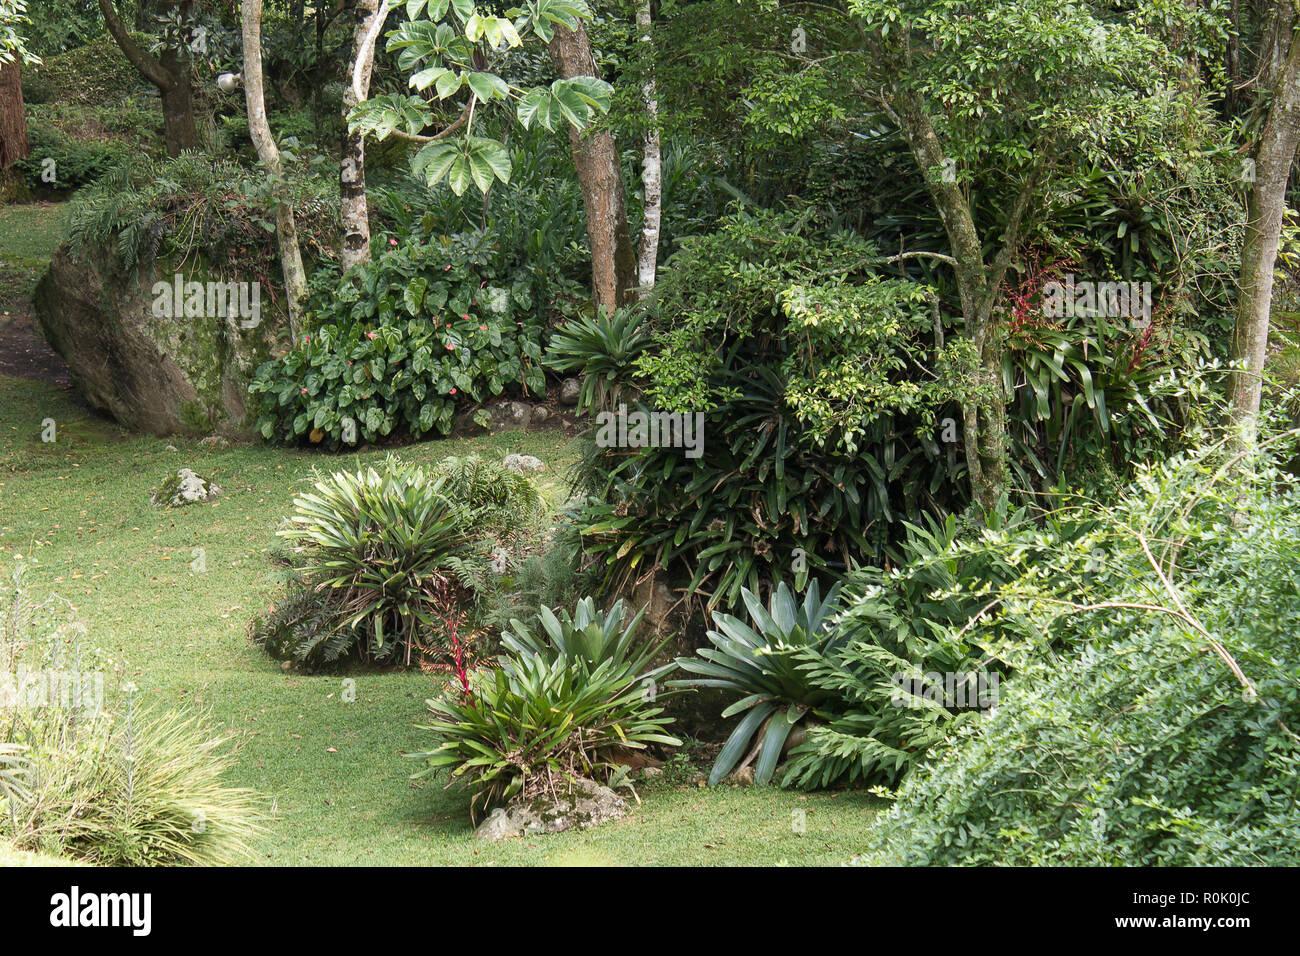 Gartenblick mit Dämmen, Pflanzen, Felsen und Bäume Stockbild